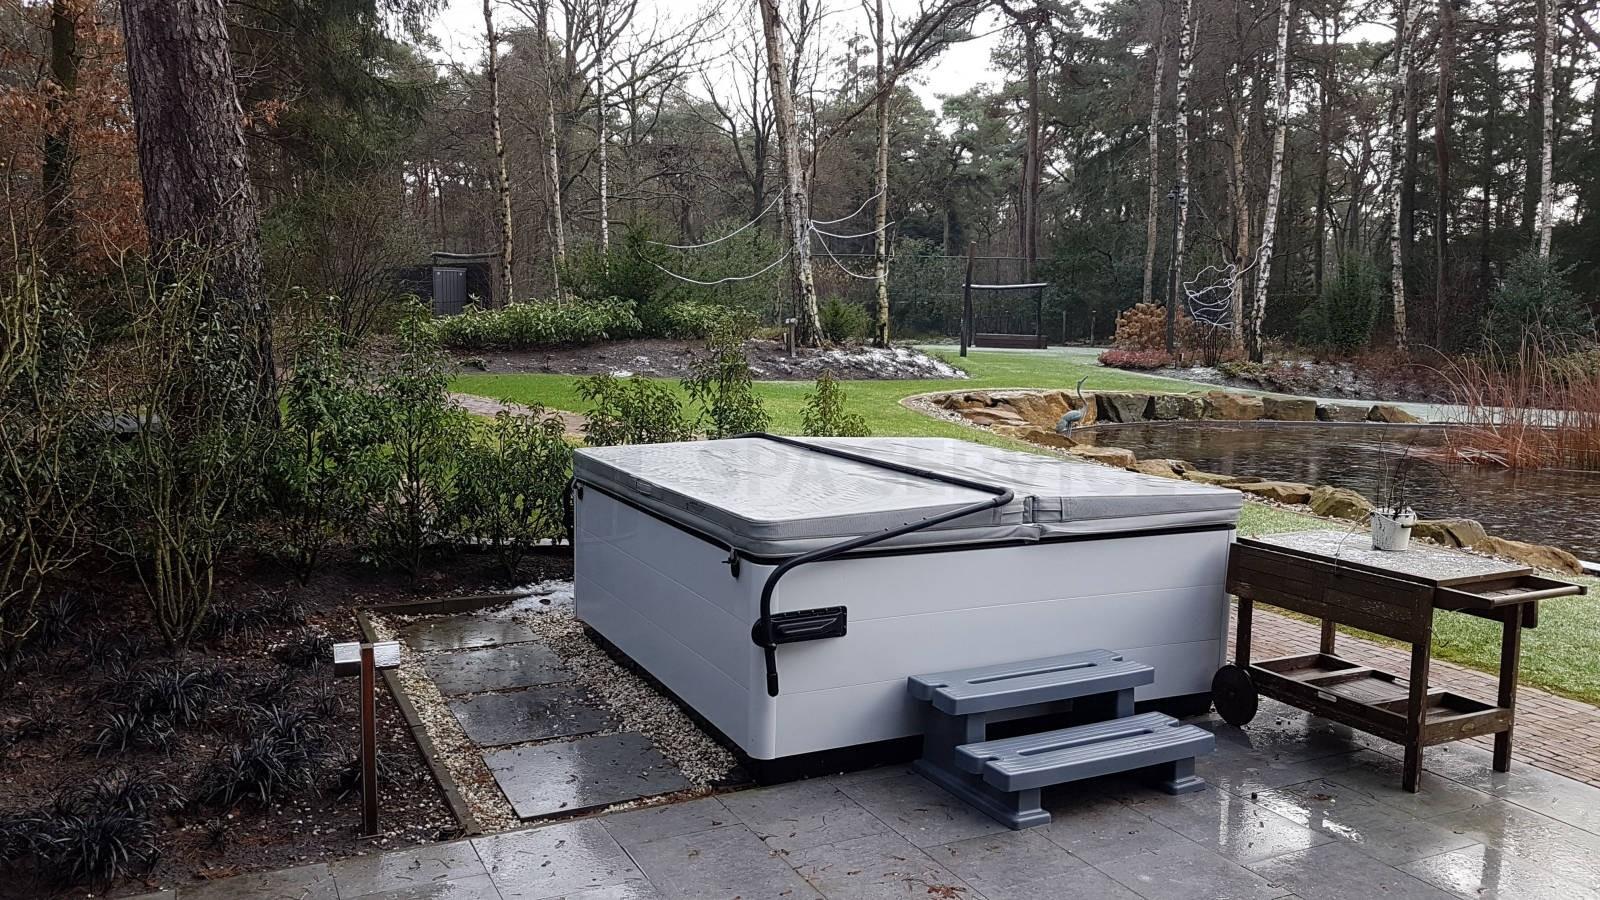 Schoonmaakbeurt van een Villeroy & Boch Just Silence spa in Bilthoven